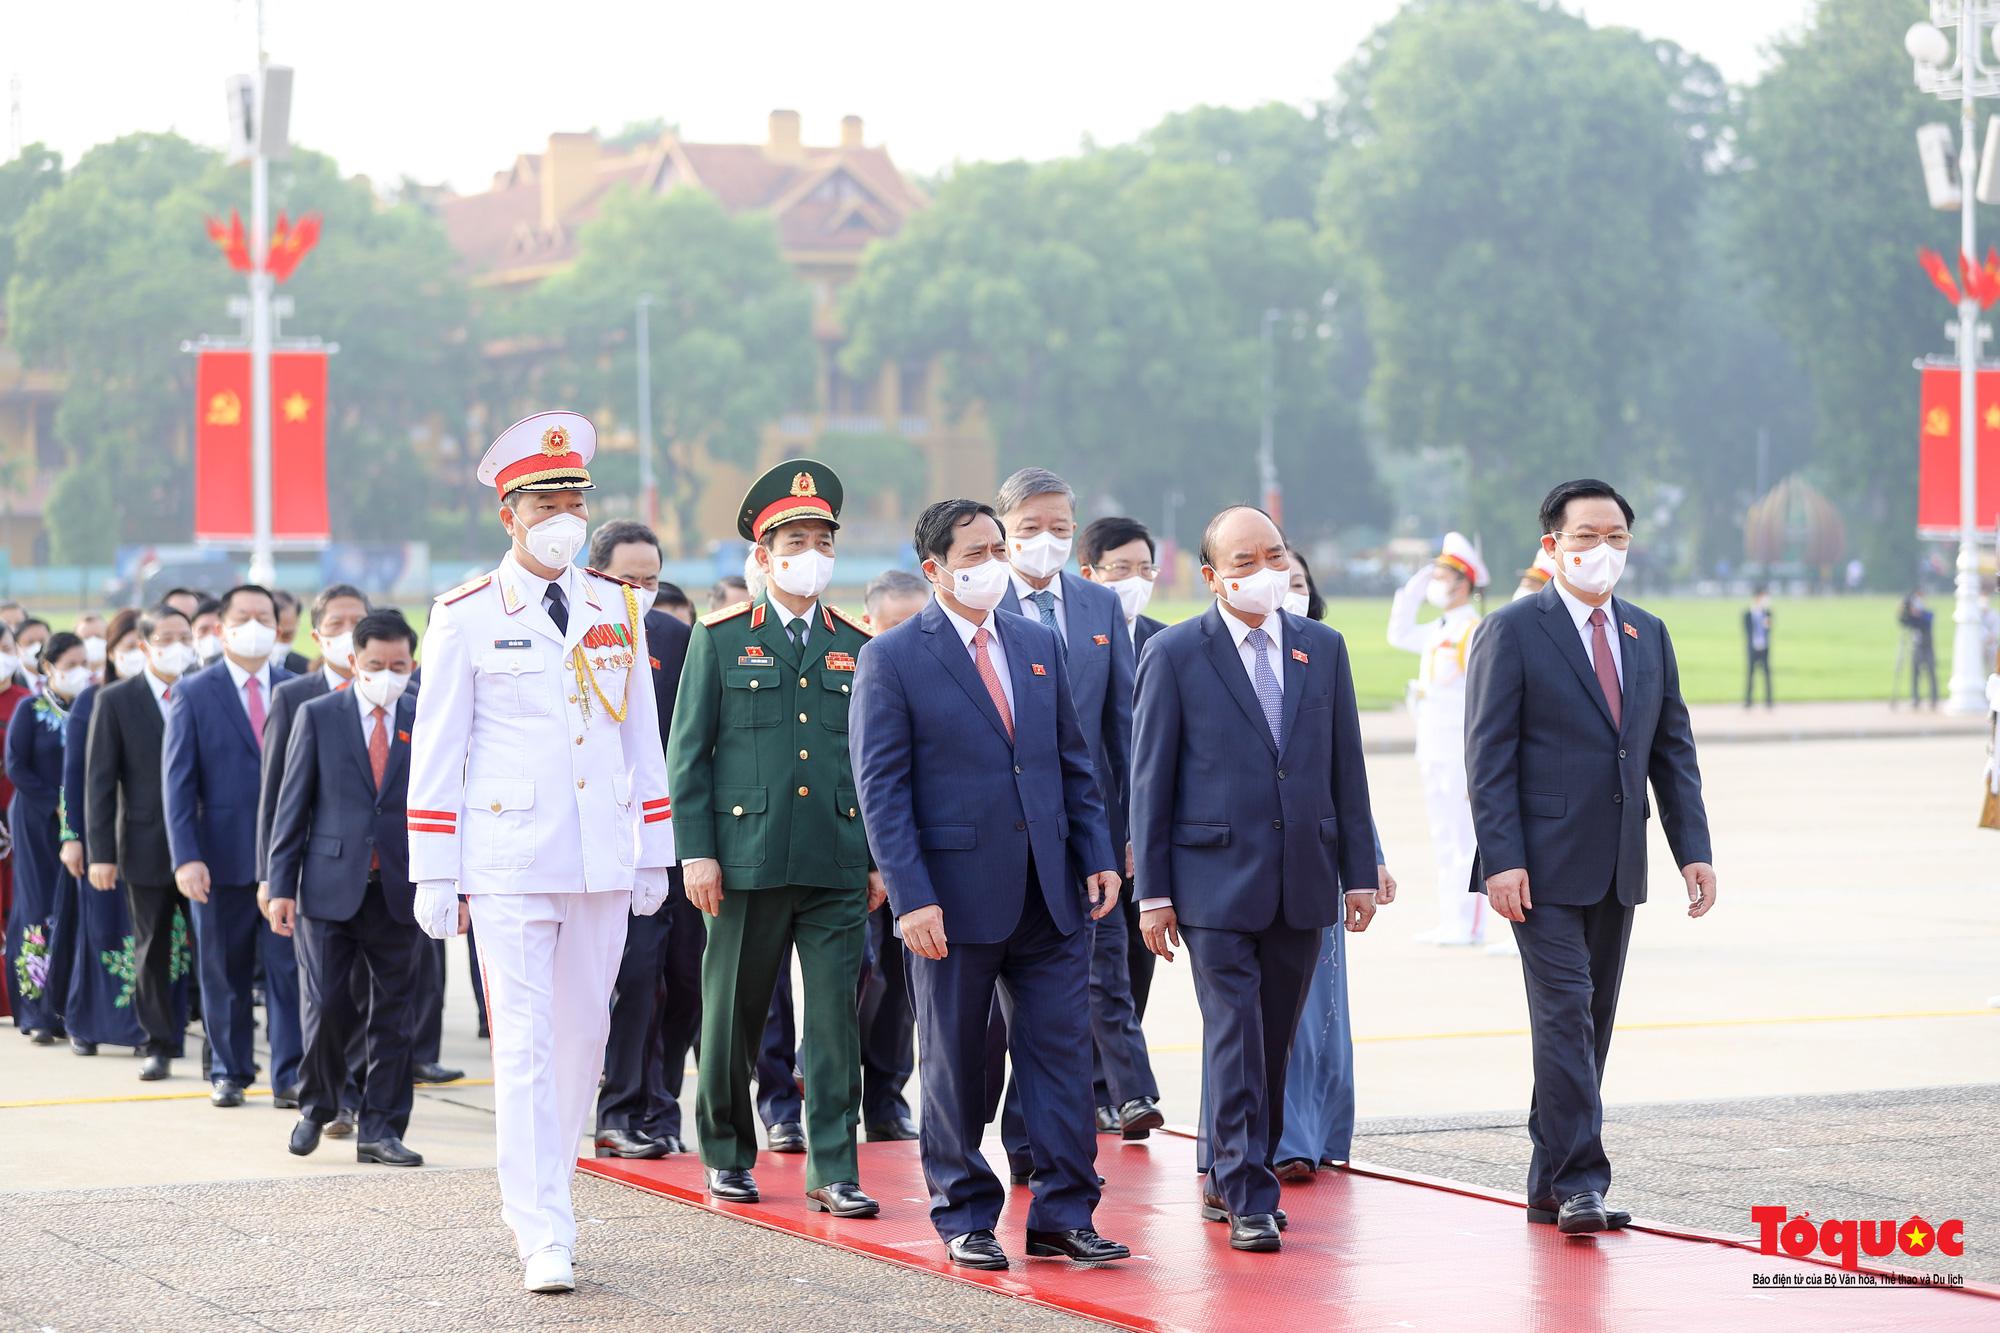 Lãnh đạo Đảng, Nhà nước và các đại biểu Quốc hội khóa XV vào Lăng viếng Chủ tịch Hồ Chí Minh - Ảnh 7.